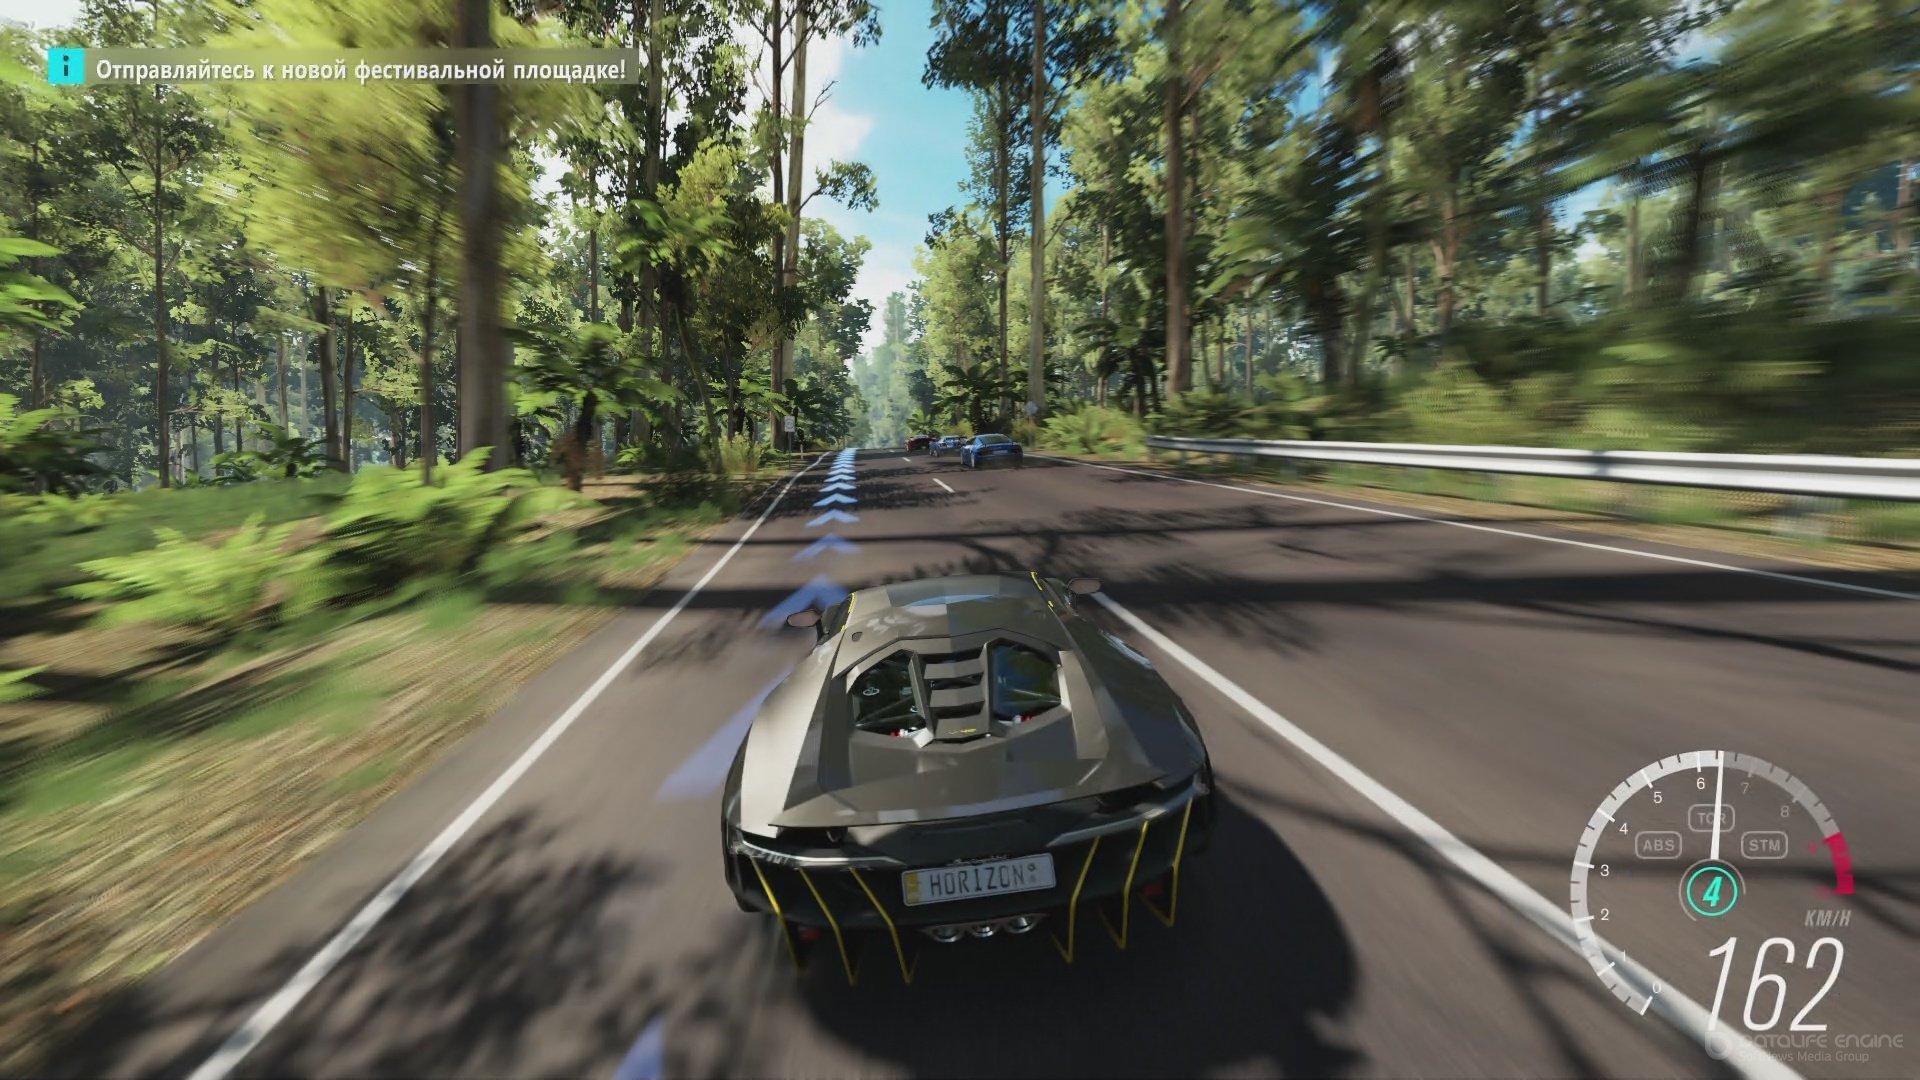 Скриншот к игре Forza Horizon 4: Ultimate Edition [Steam-Rip] (2018) скачать торрент Лицензия